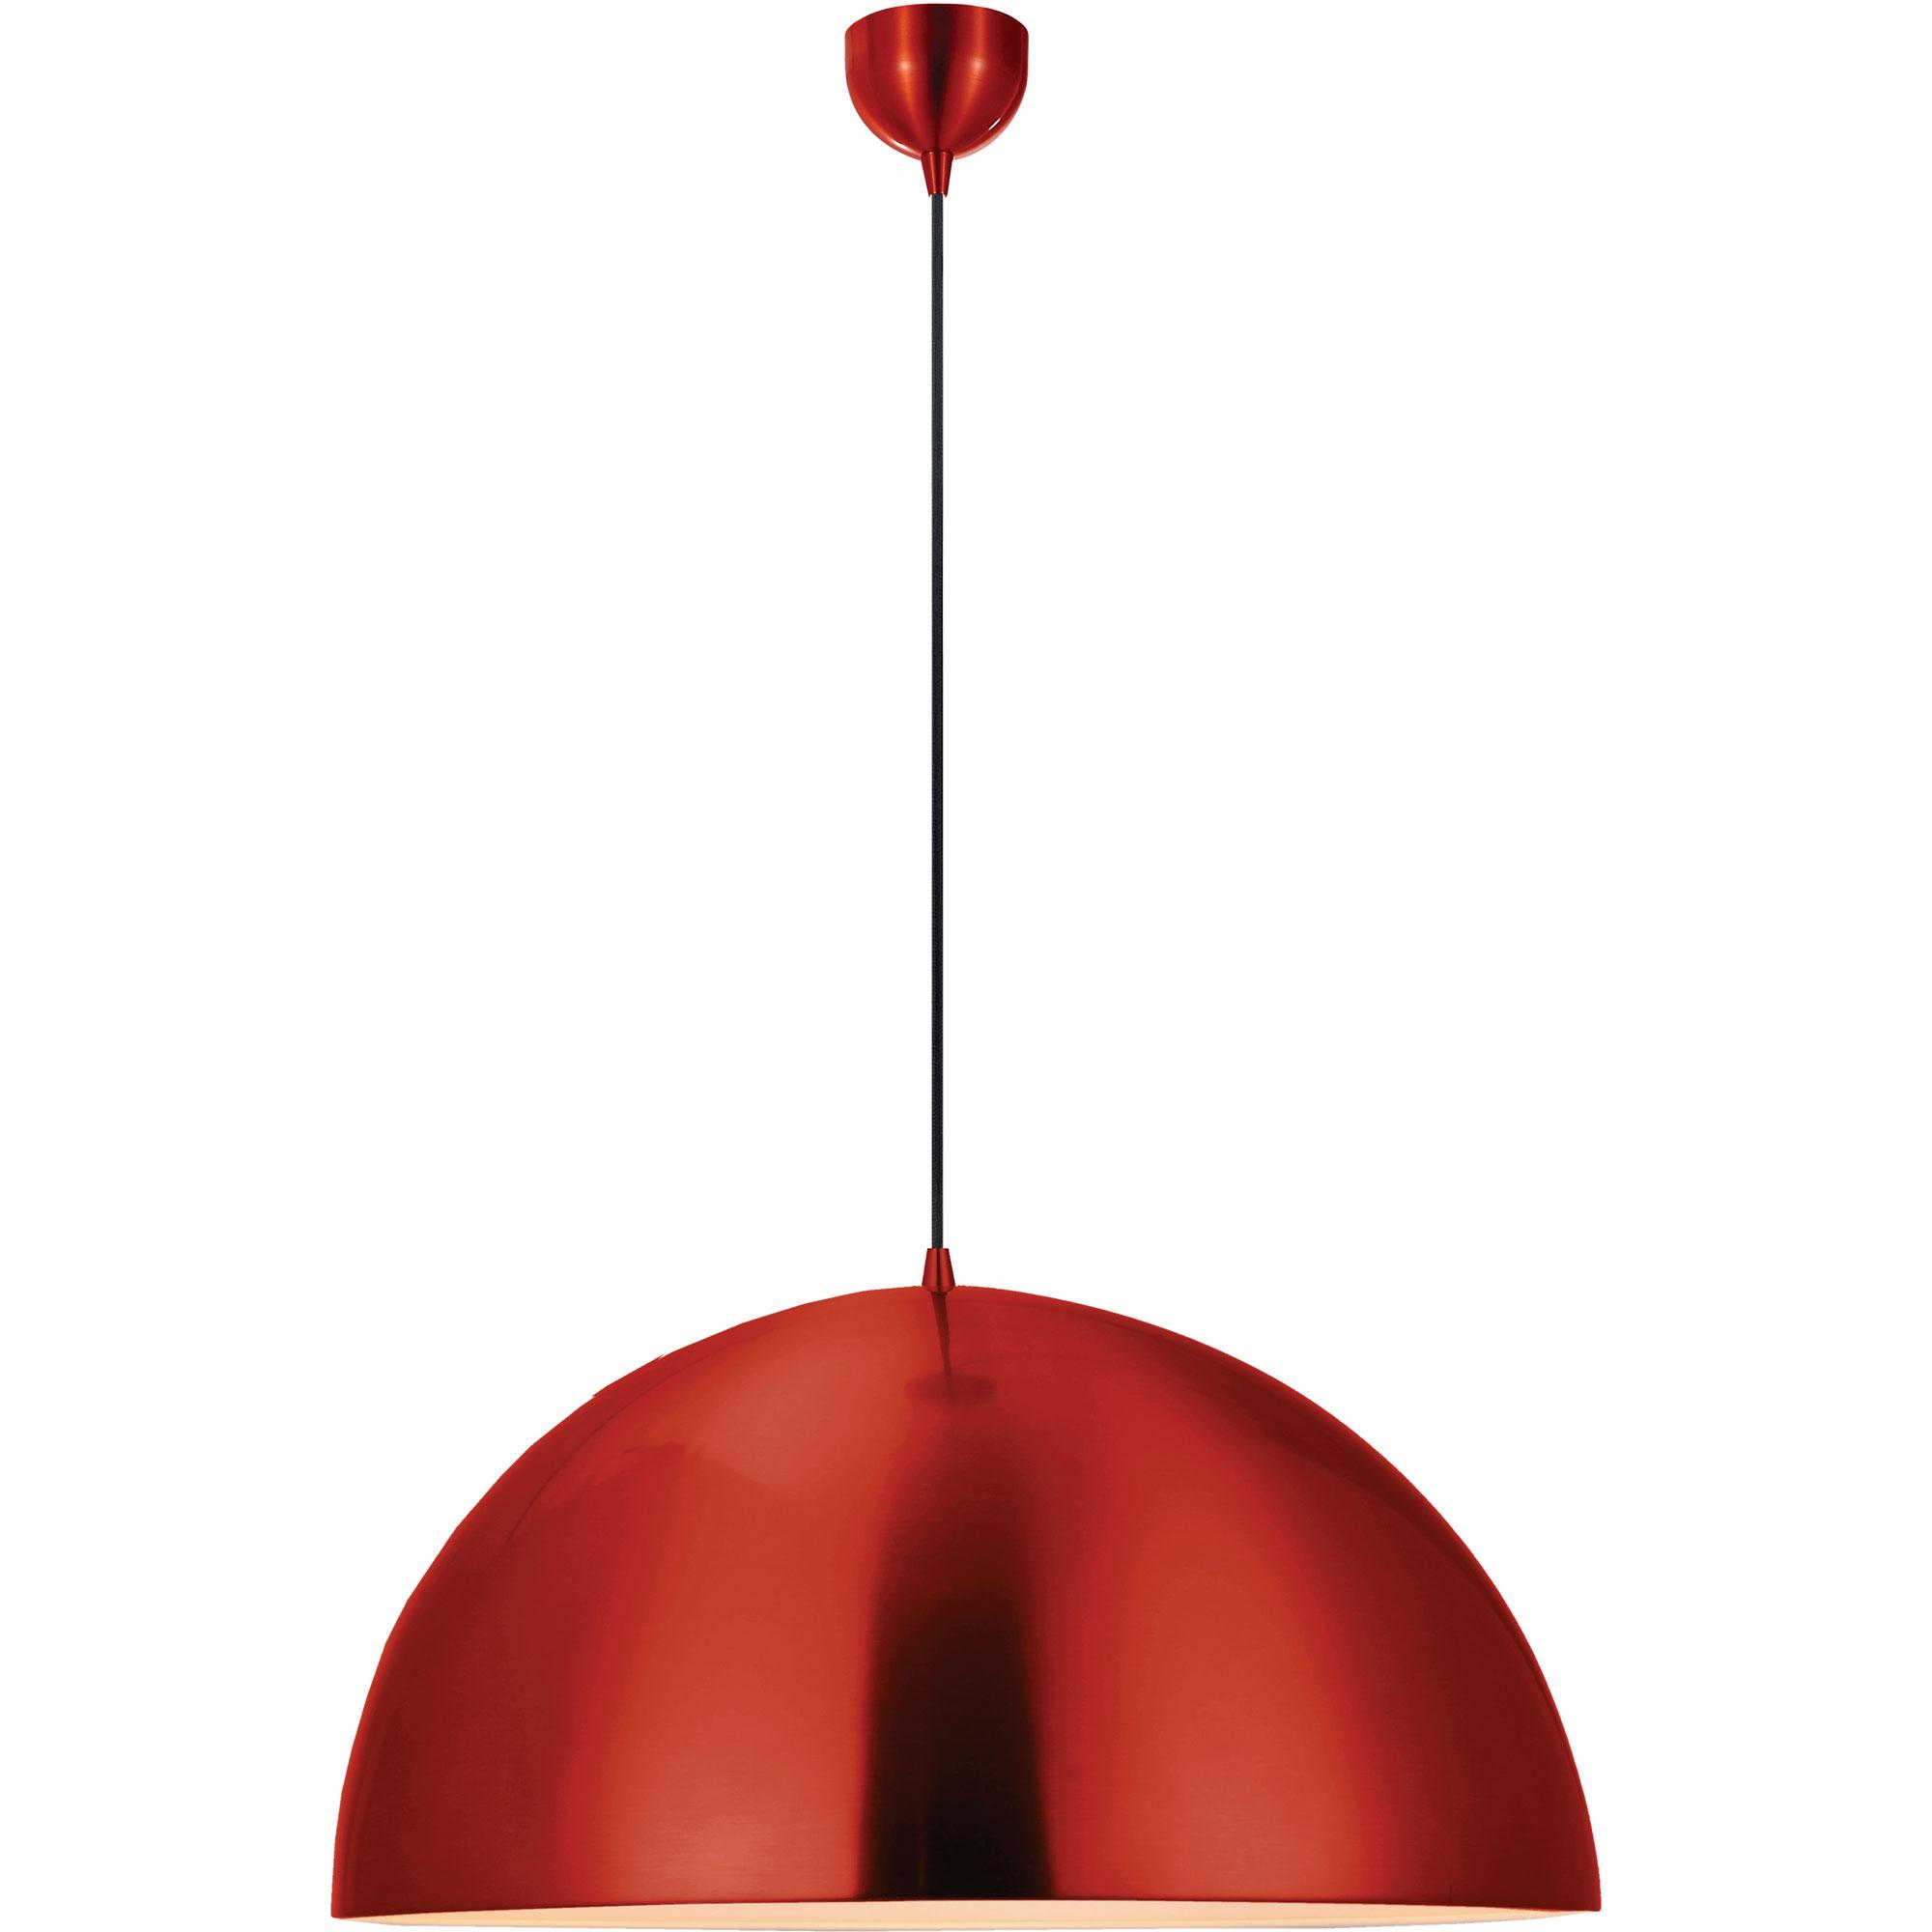 Светильник подвесной Loft Lsp-9654 браслет power balance бкм 9654